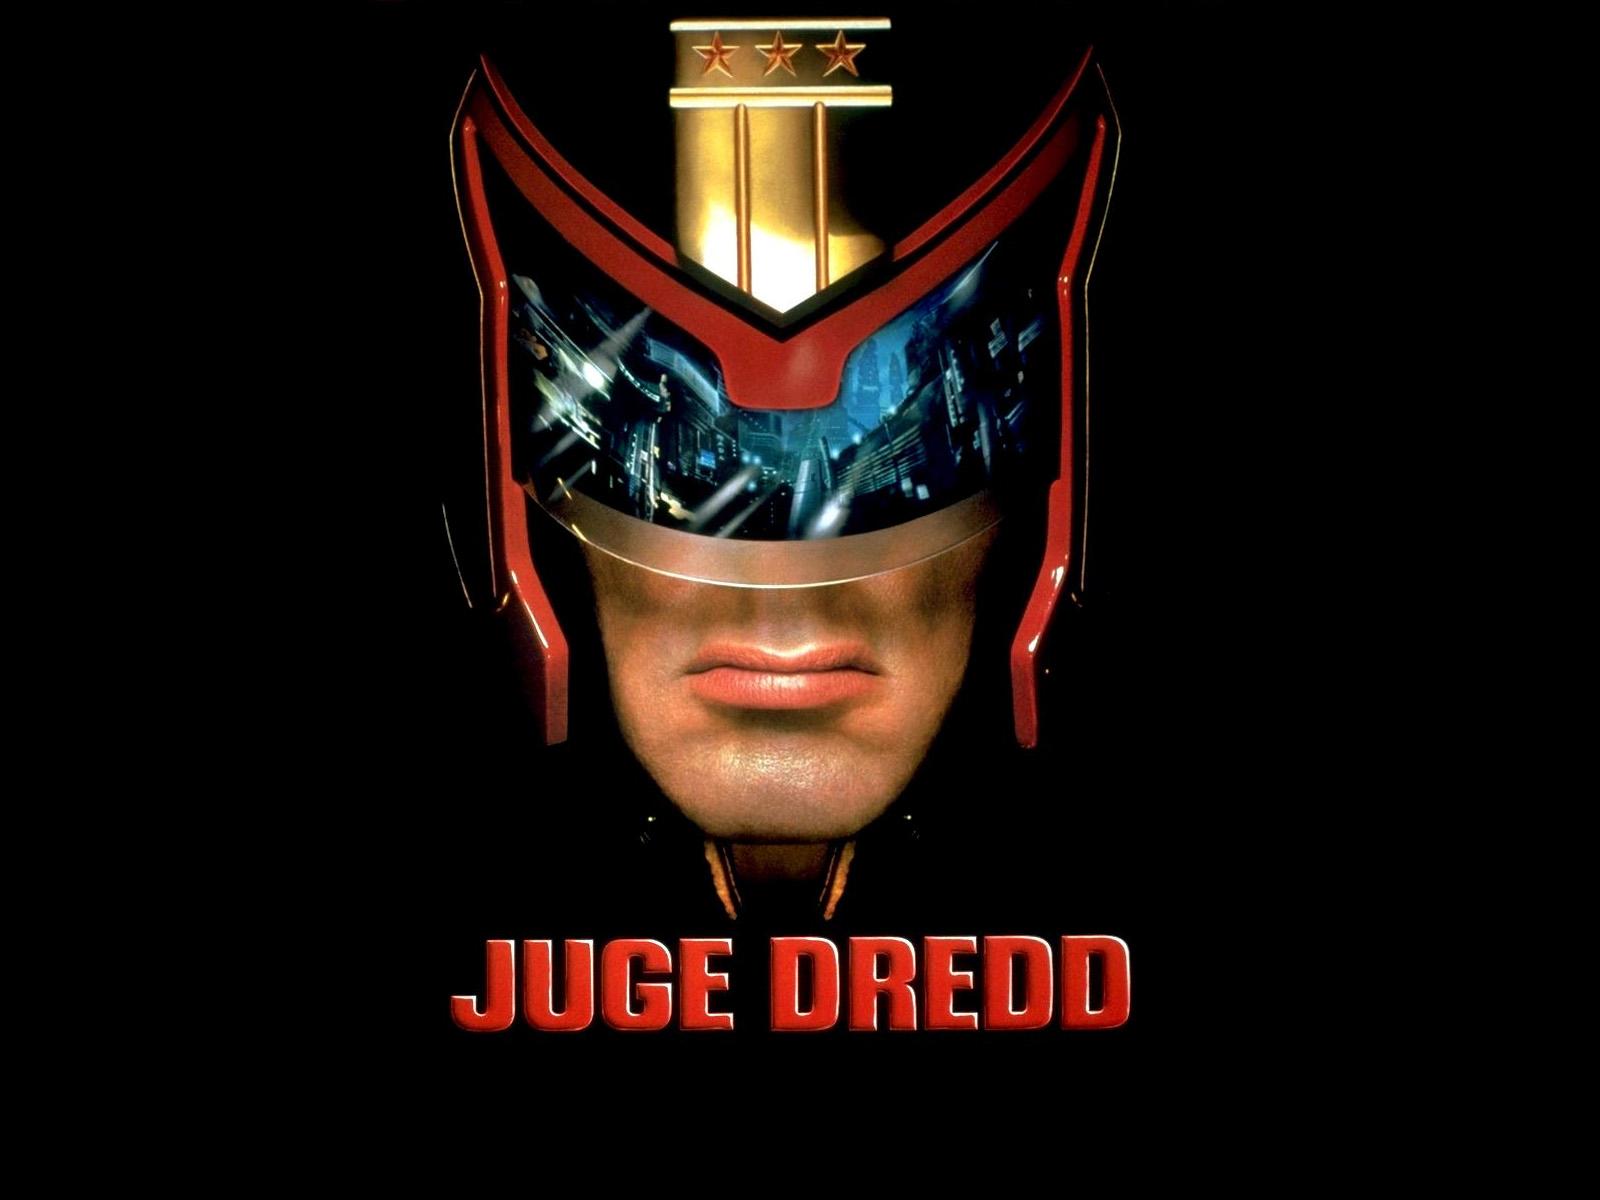 Jugde Dredd